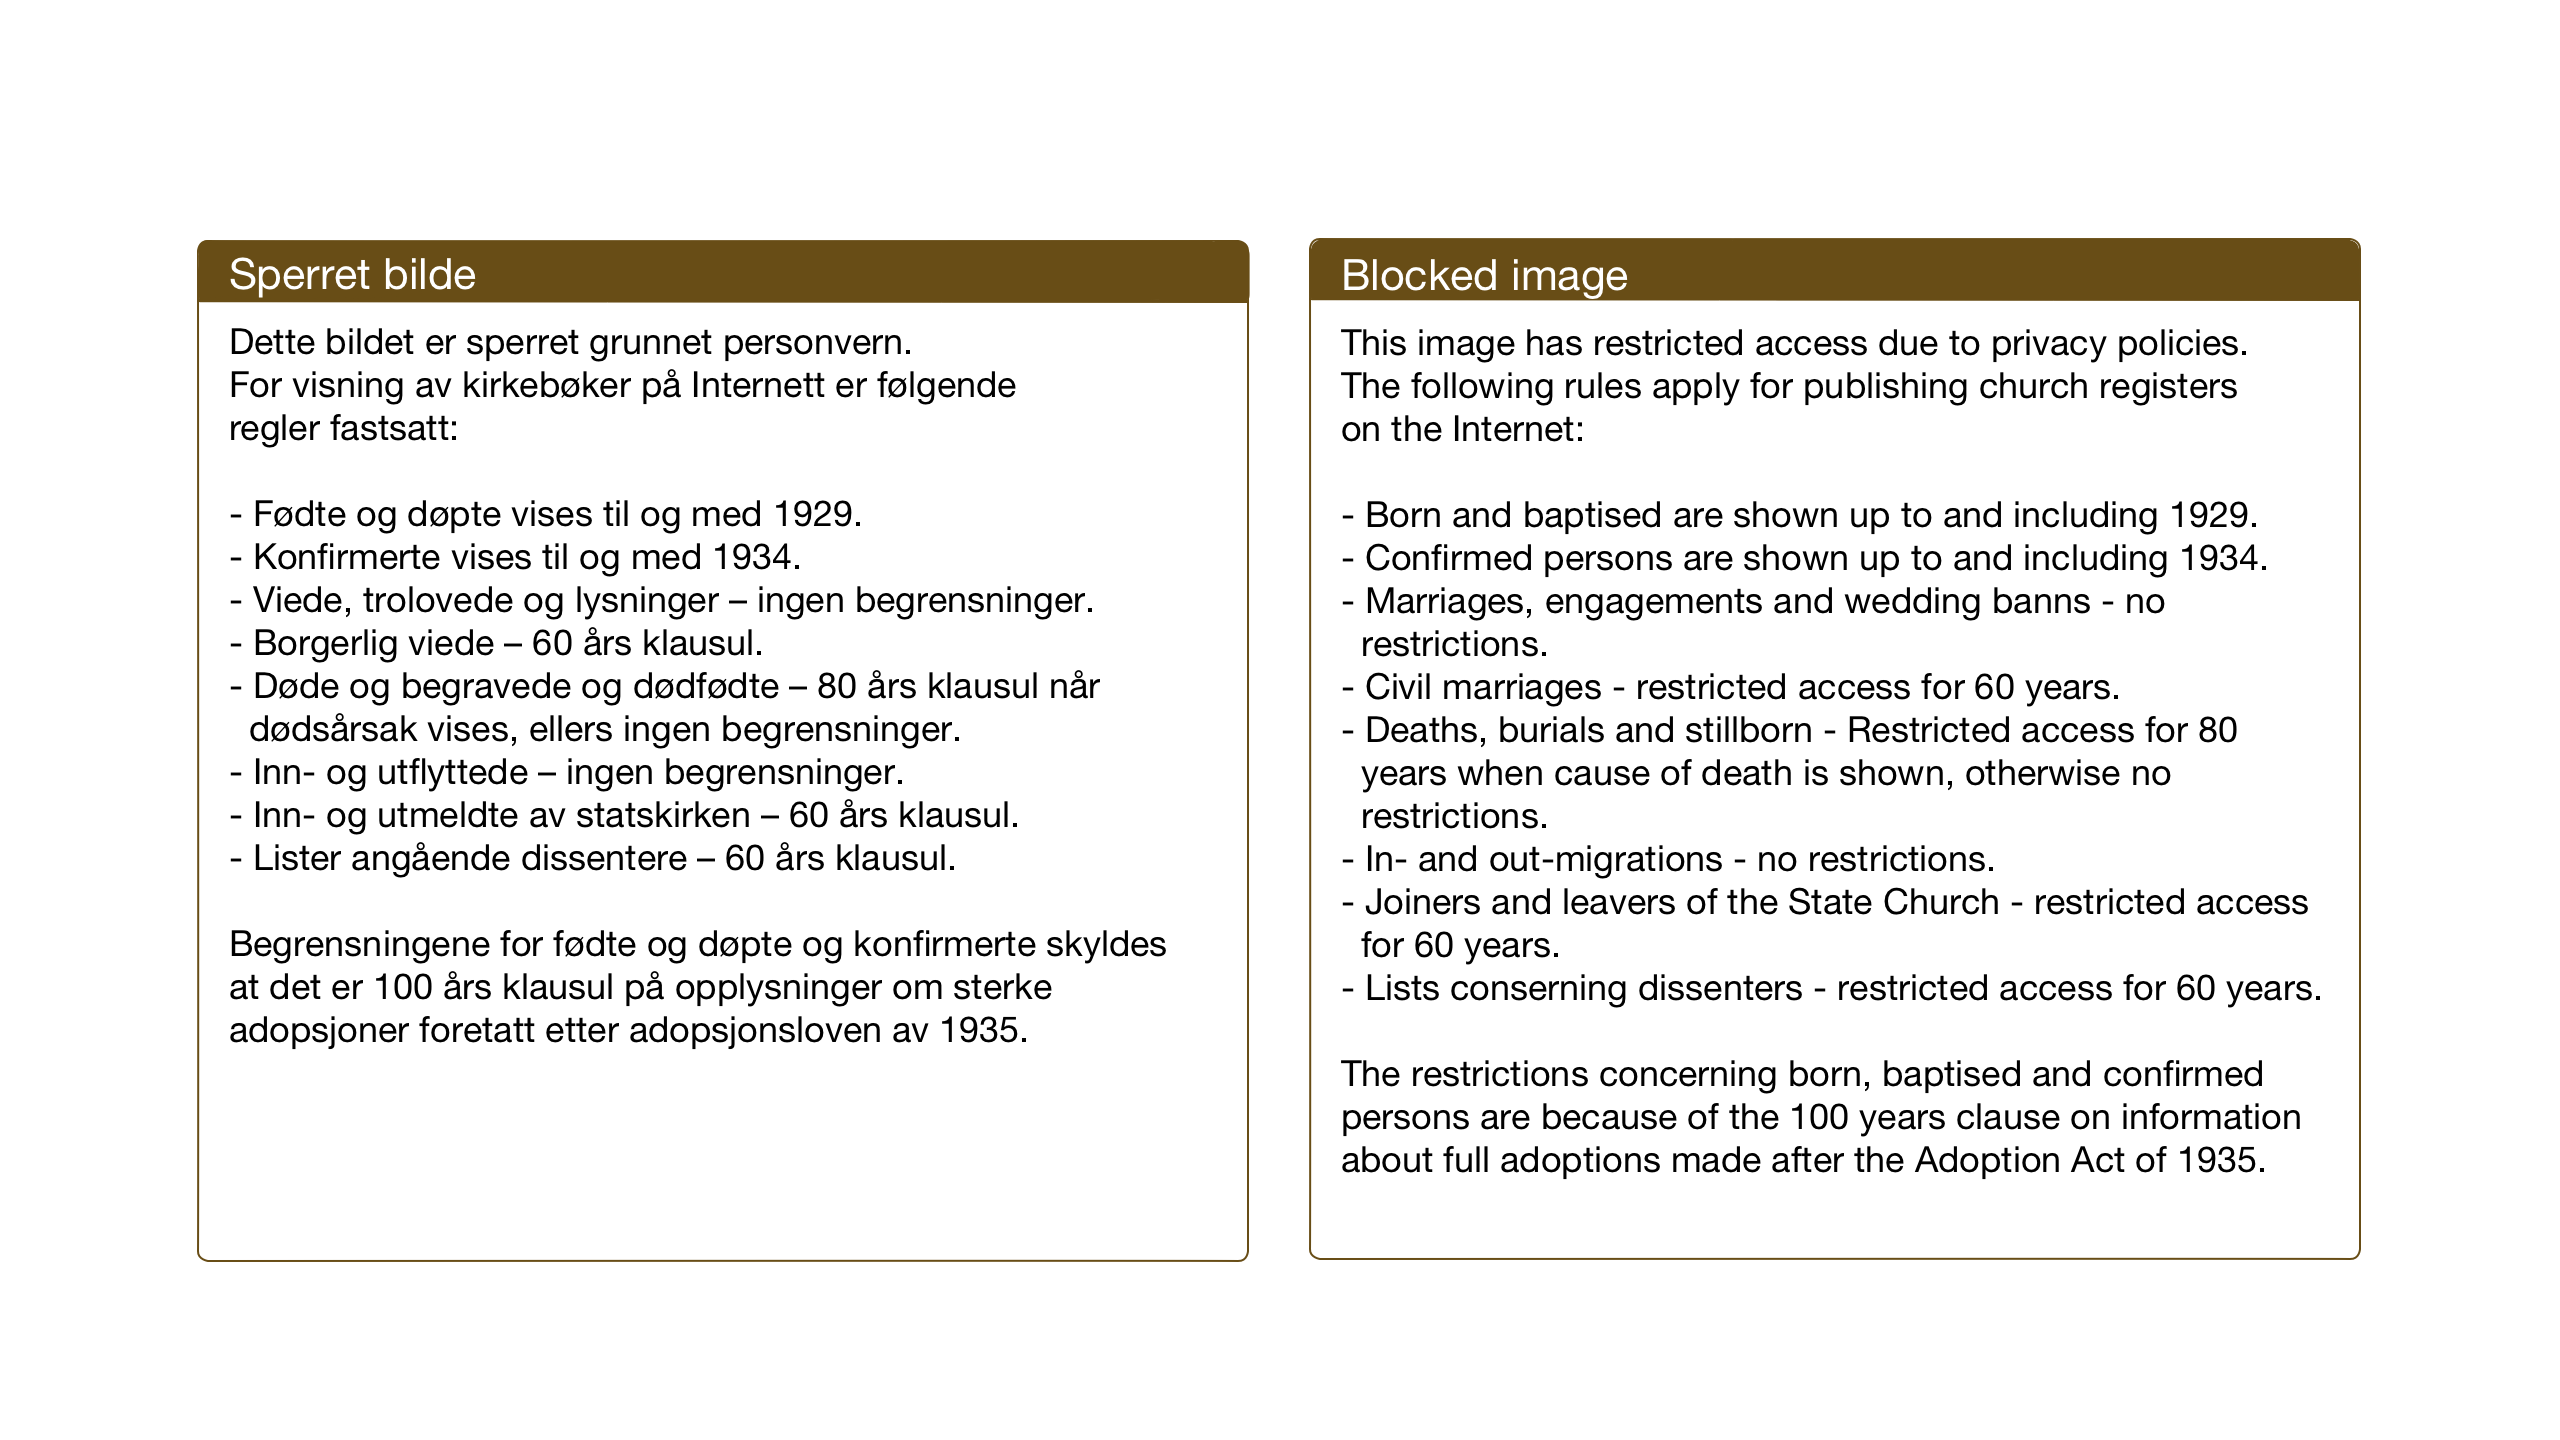 SAT, Ministerialprotokoller, klokkerbøker og fødselsregistre - Nord-Trøndelag, 768/L0583: Klokkerbok nr. 768C01, 1928-1953, s. 67